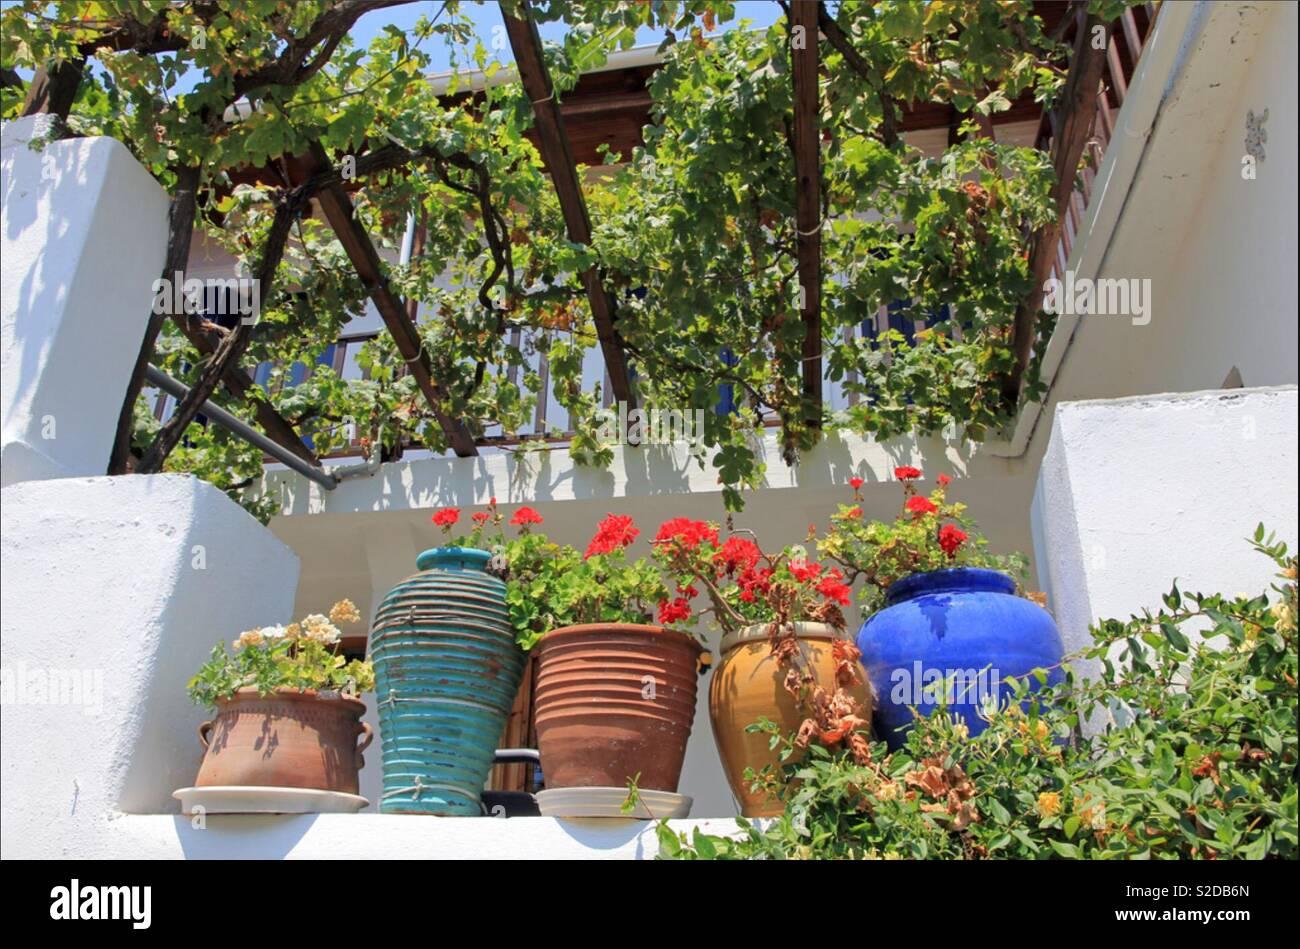 Il mio giardino greco foto immagine stock alamy